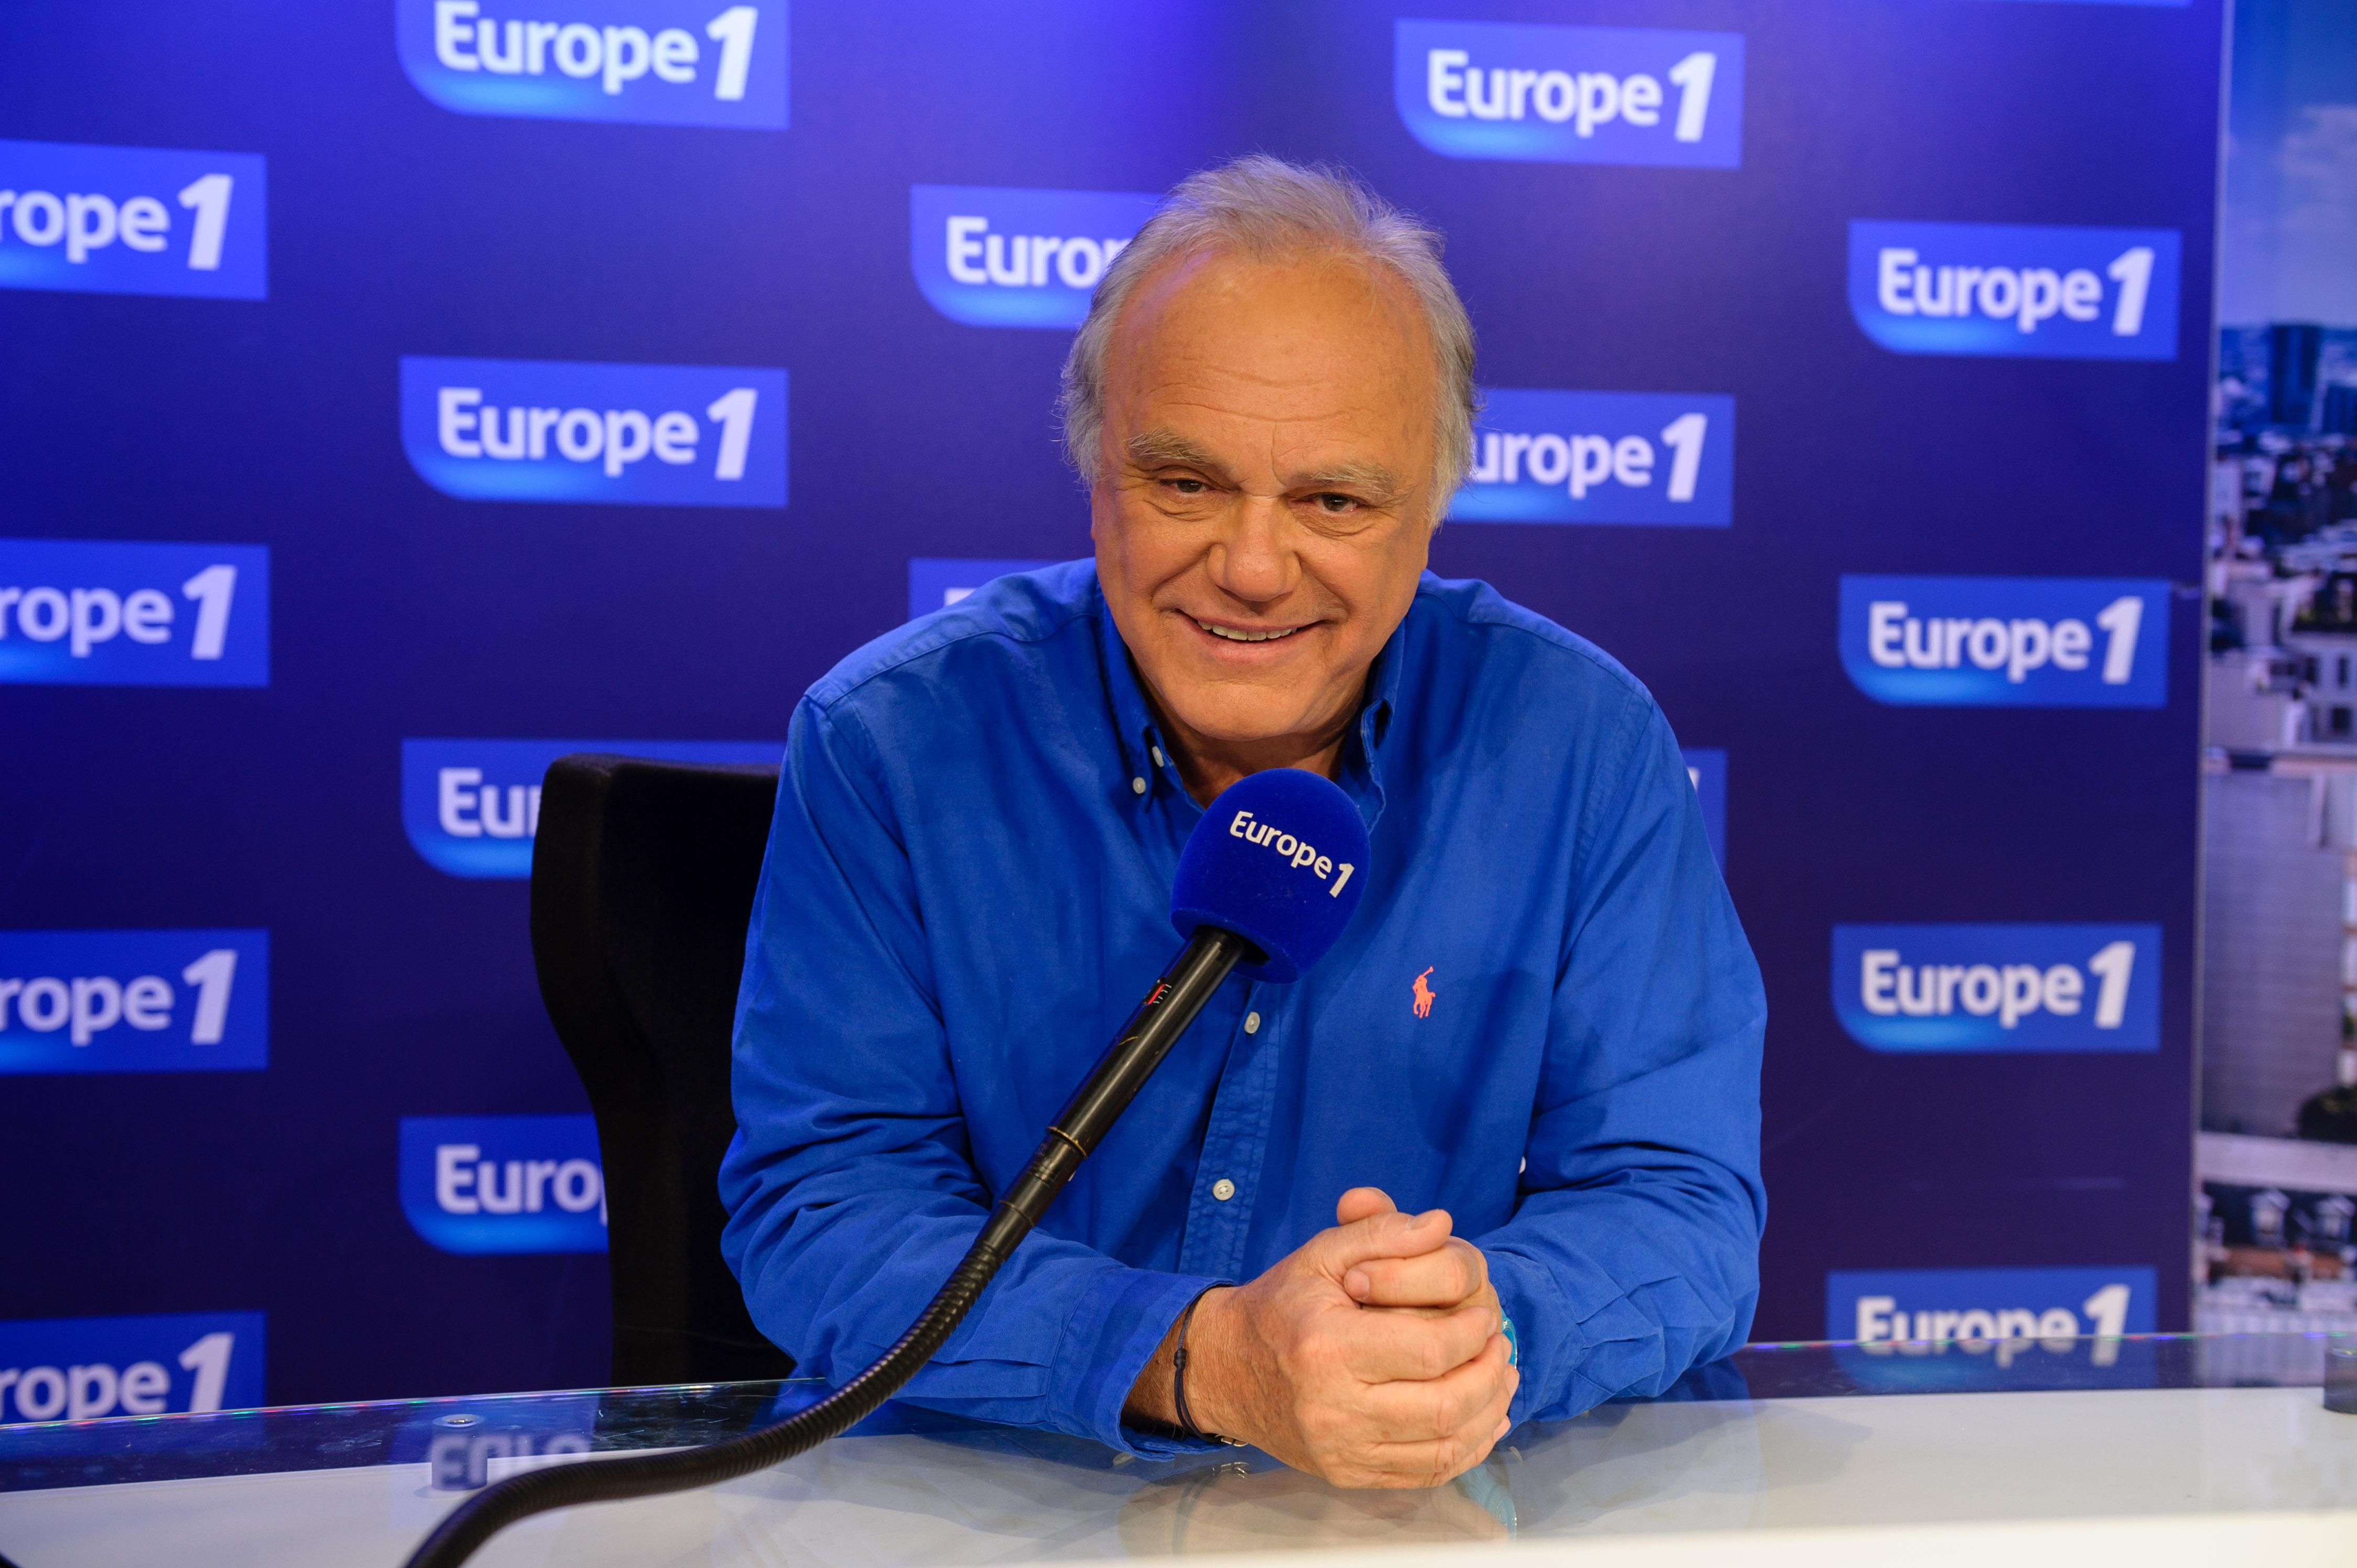 Laurent Cabrol évoquera (le 10 février à 16h) son expérience sur Europe 1 et donnera les clés pour réussir un bulletin météo ©  Christophe Petit-Tesson Capa - Europe 1